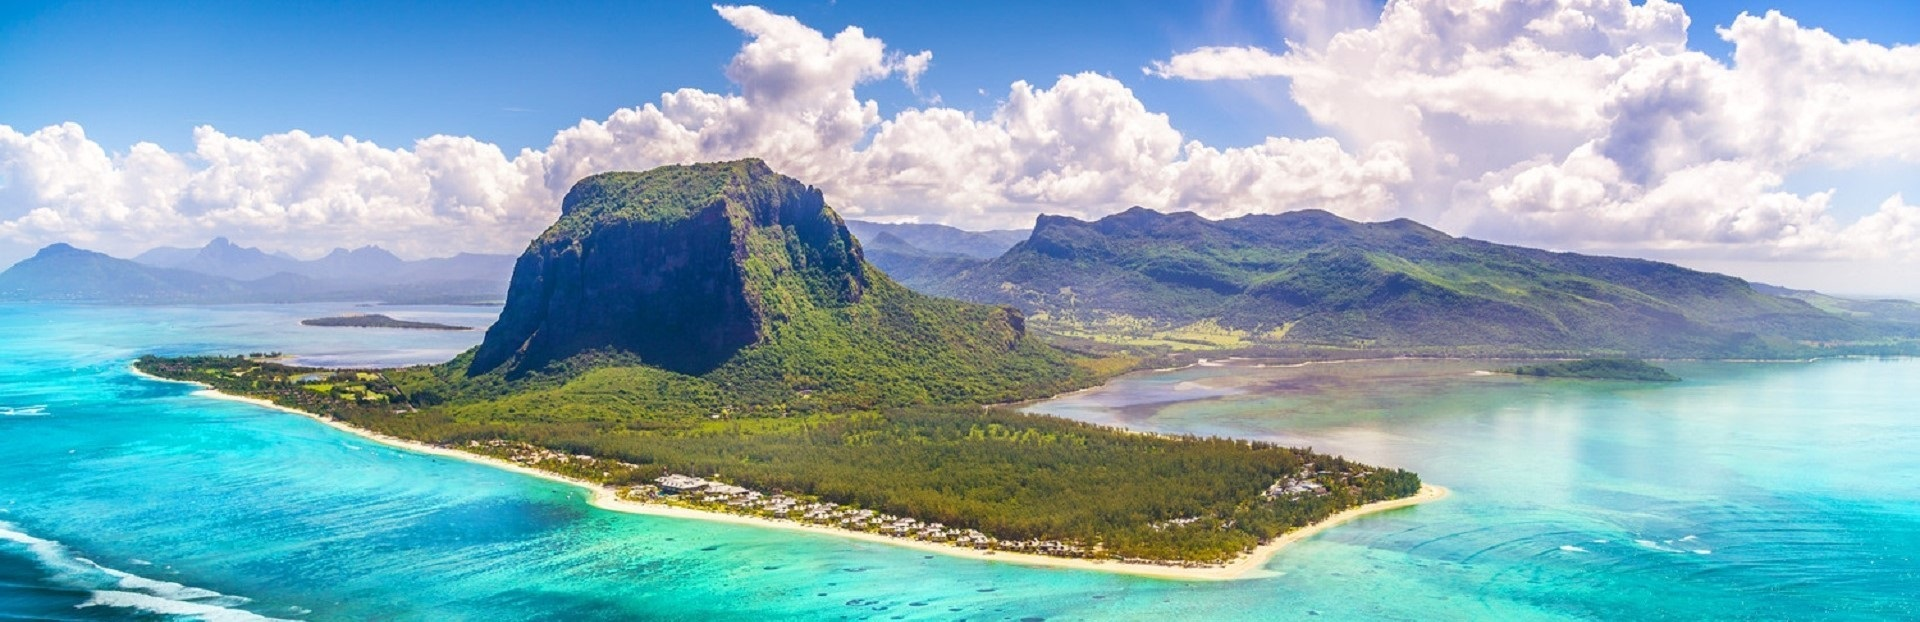 Mauritius arrival slider